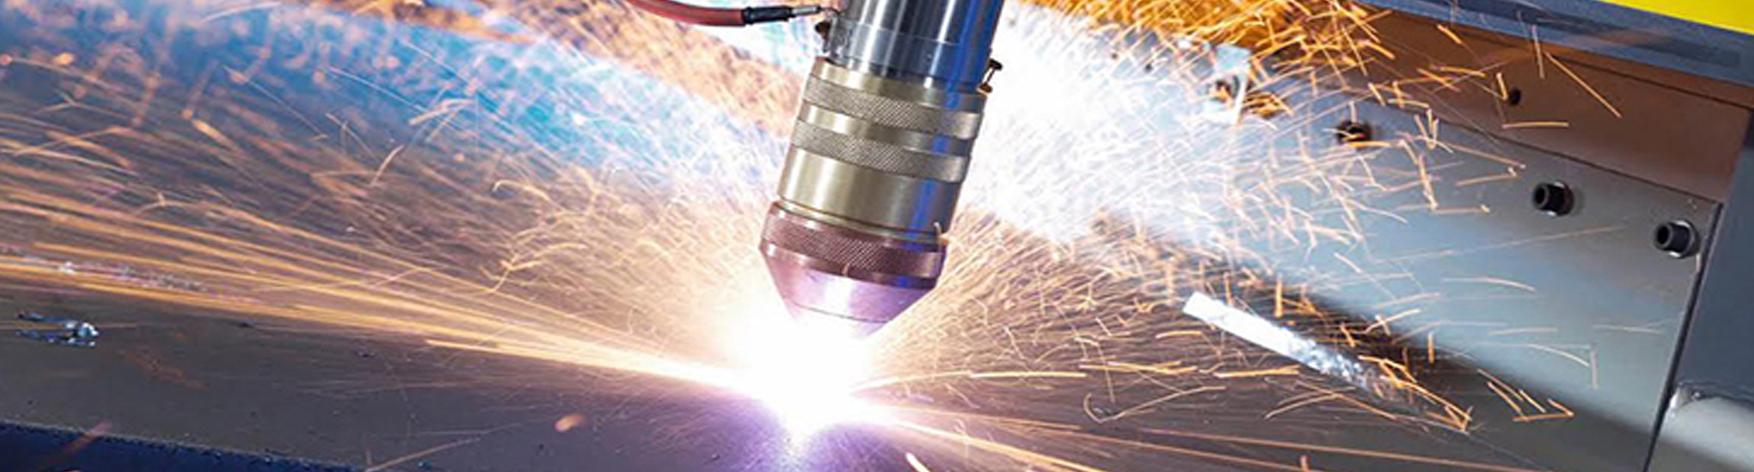 Лазерная резка металла заказать услугу. лазерная резка листов нержавеющей стали с напылением нитрид титана